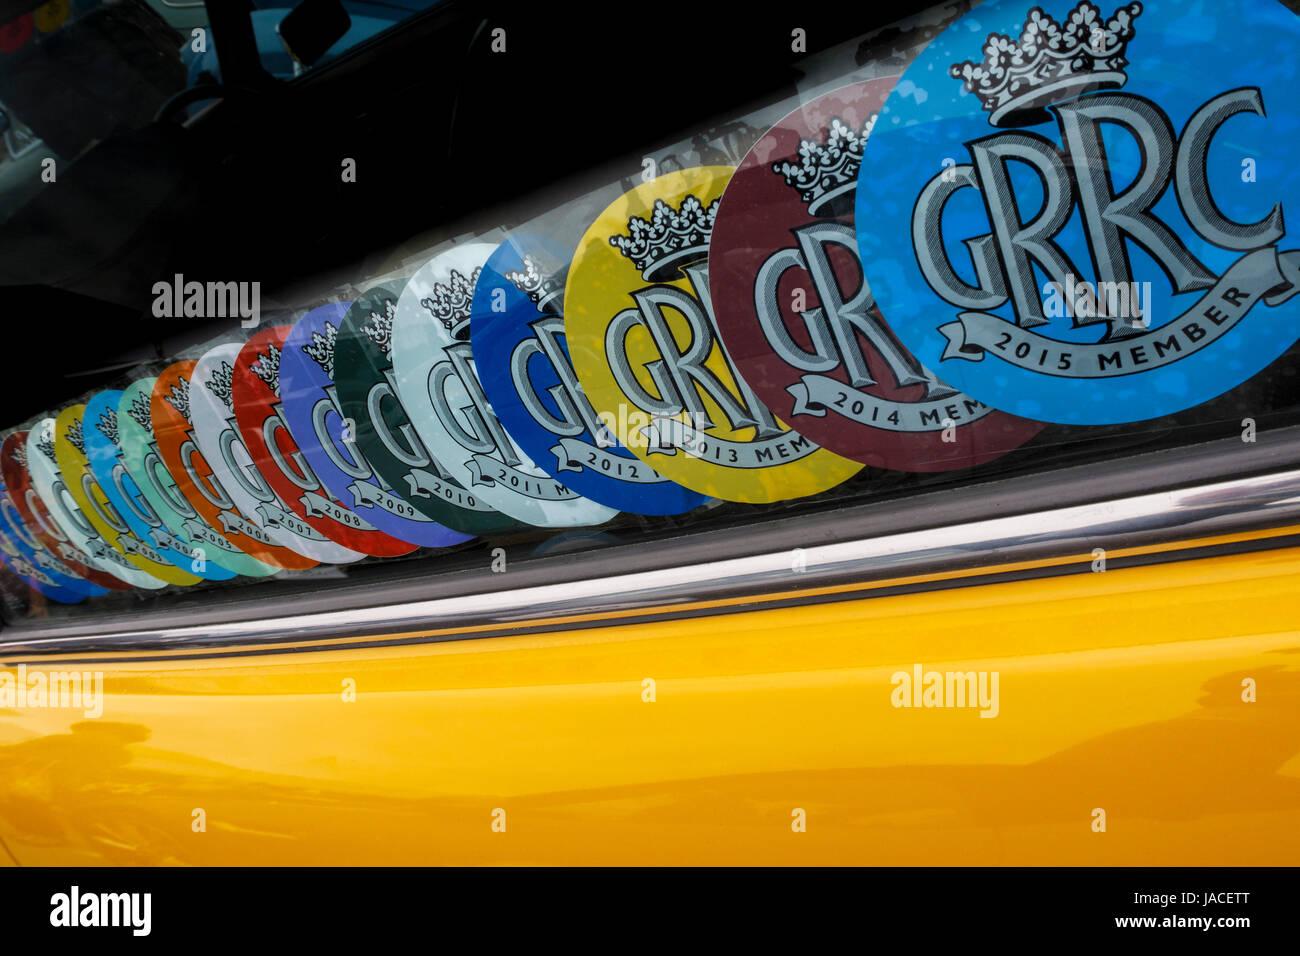 Una colección de pertenencia GRRC pegados a los coches en la ventanilla lateral de un vehículo en Goodwood, Imagen De Stock